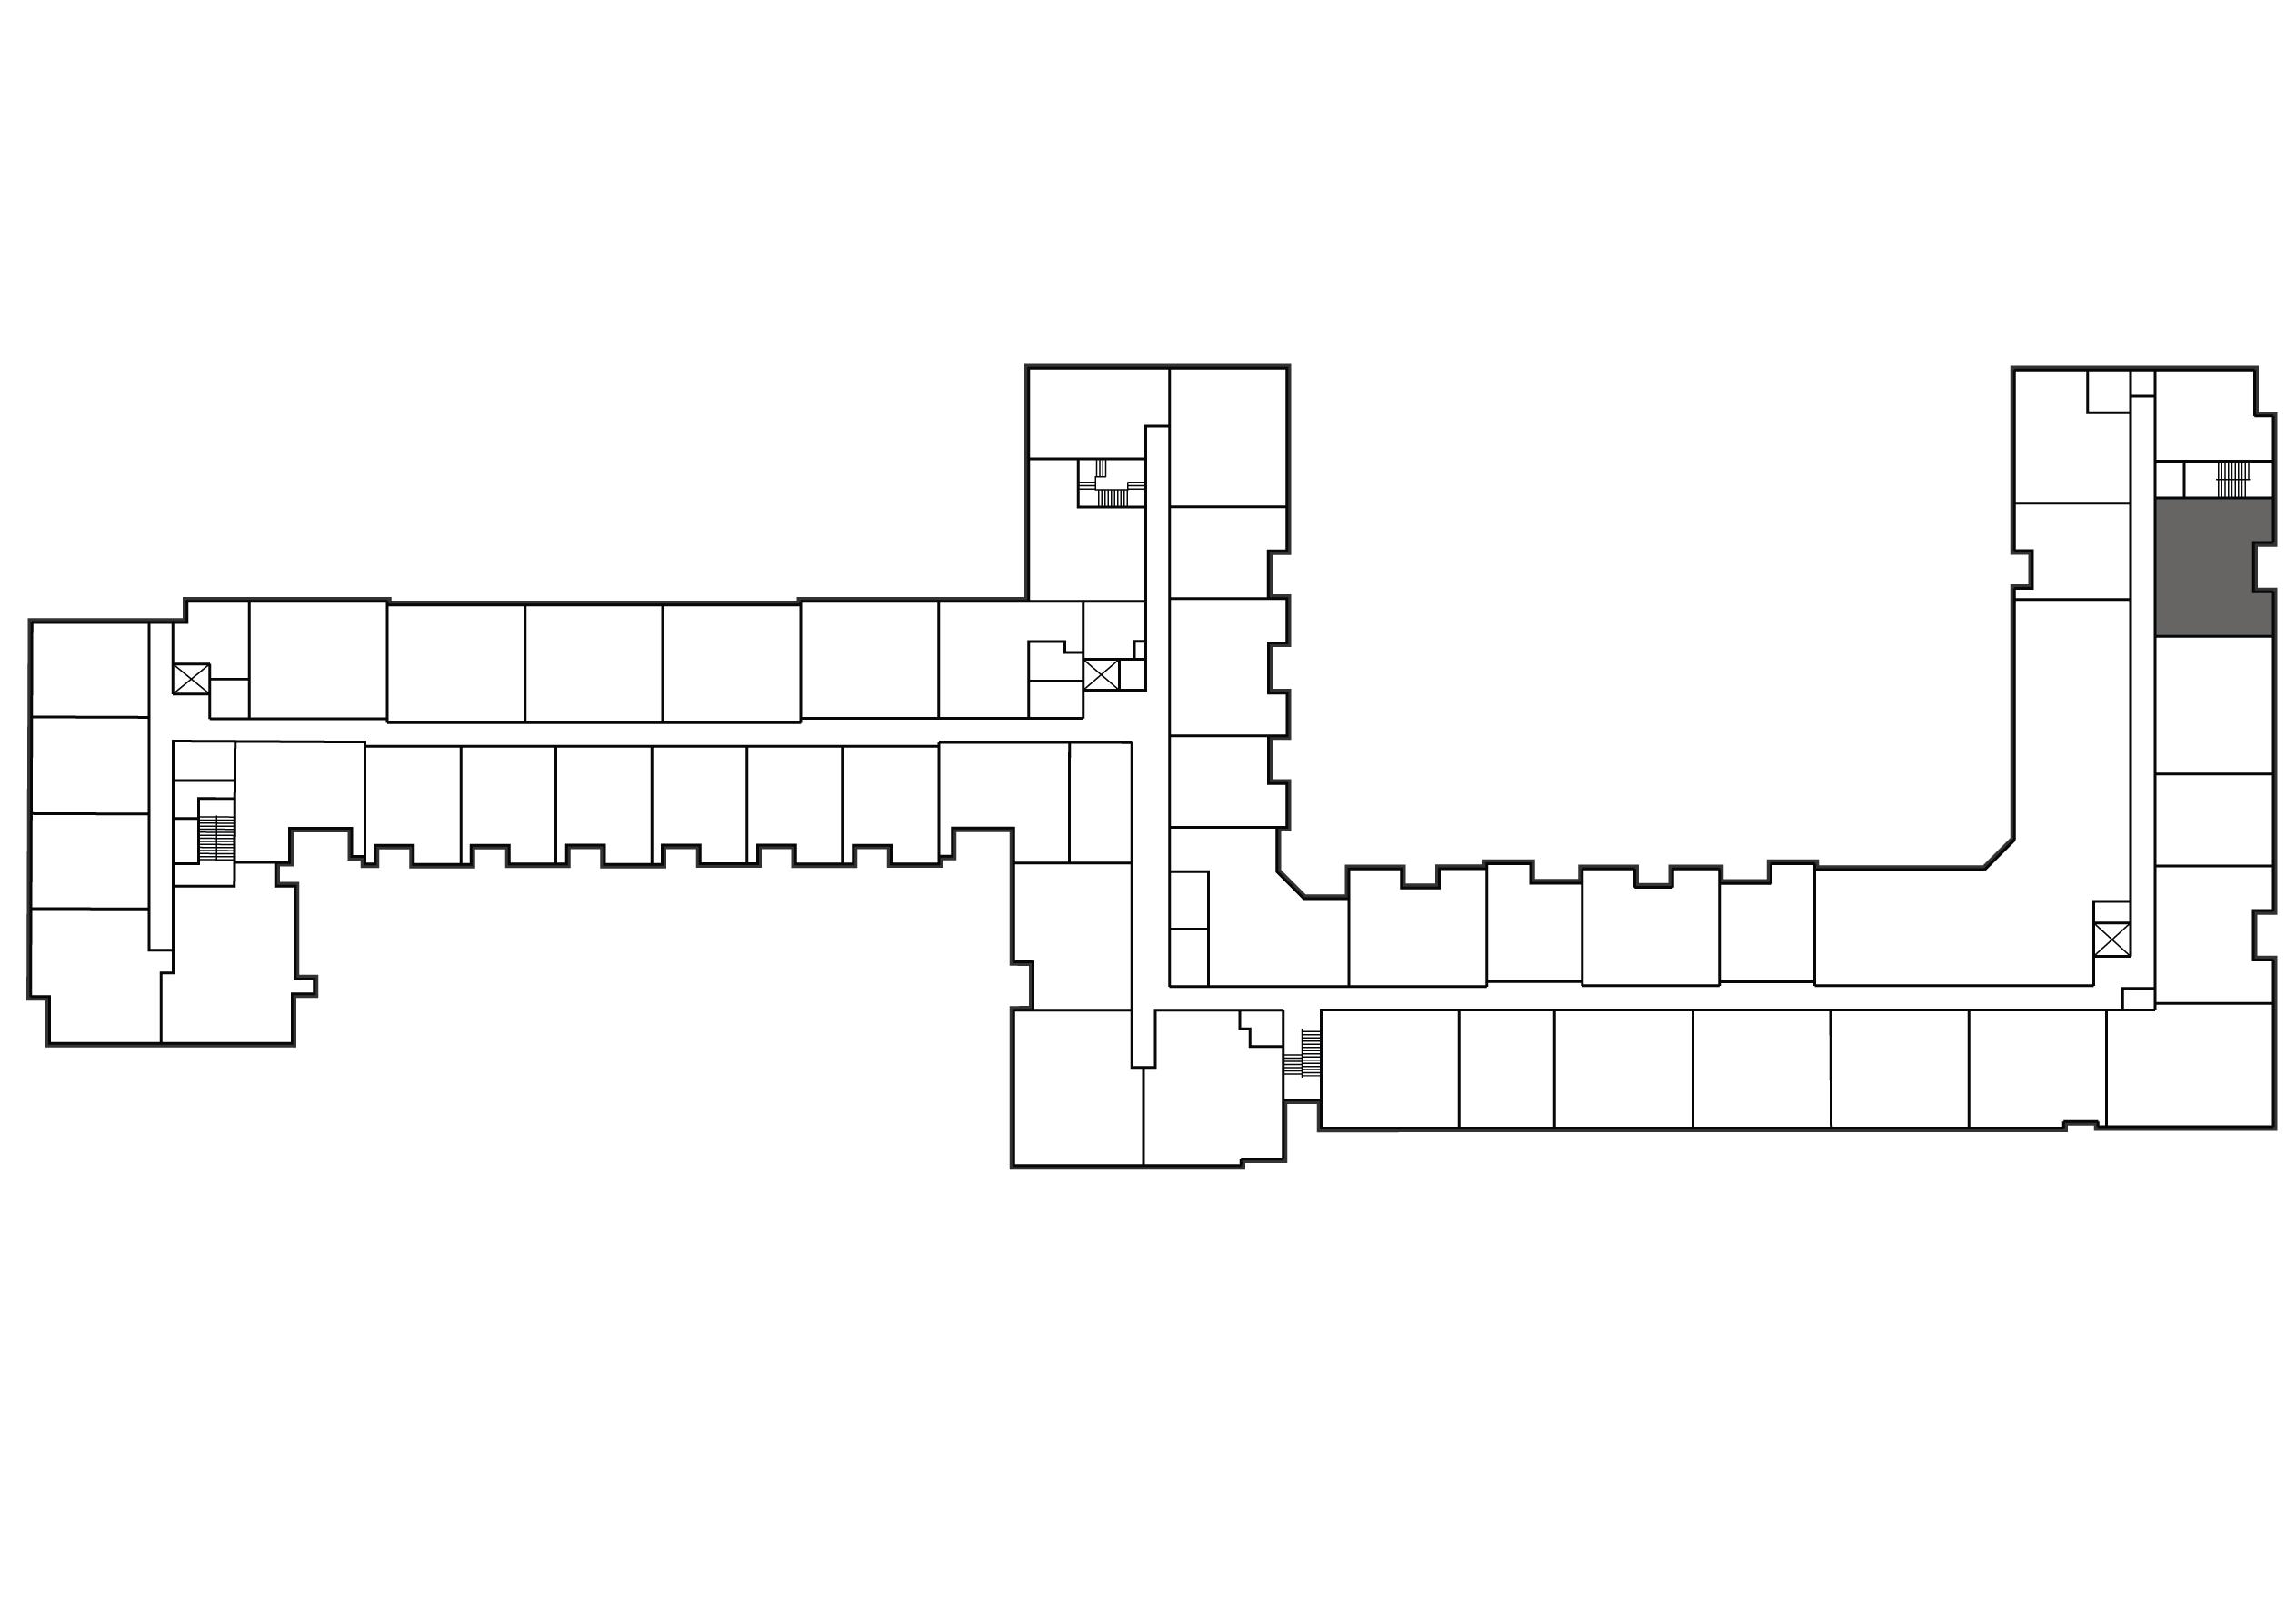 Unit 1243 keyplan